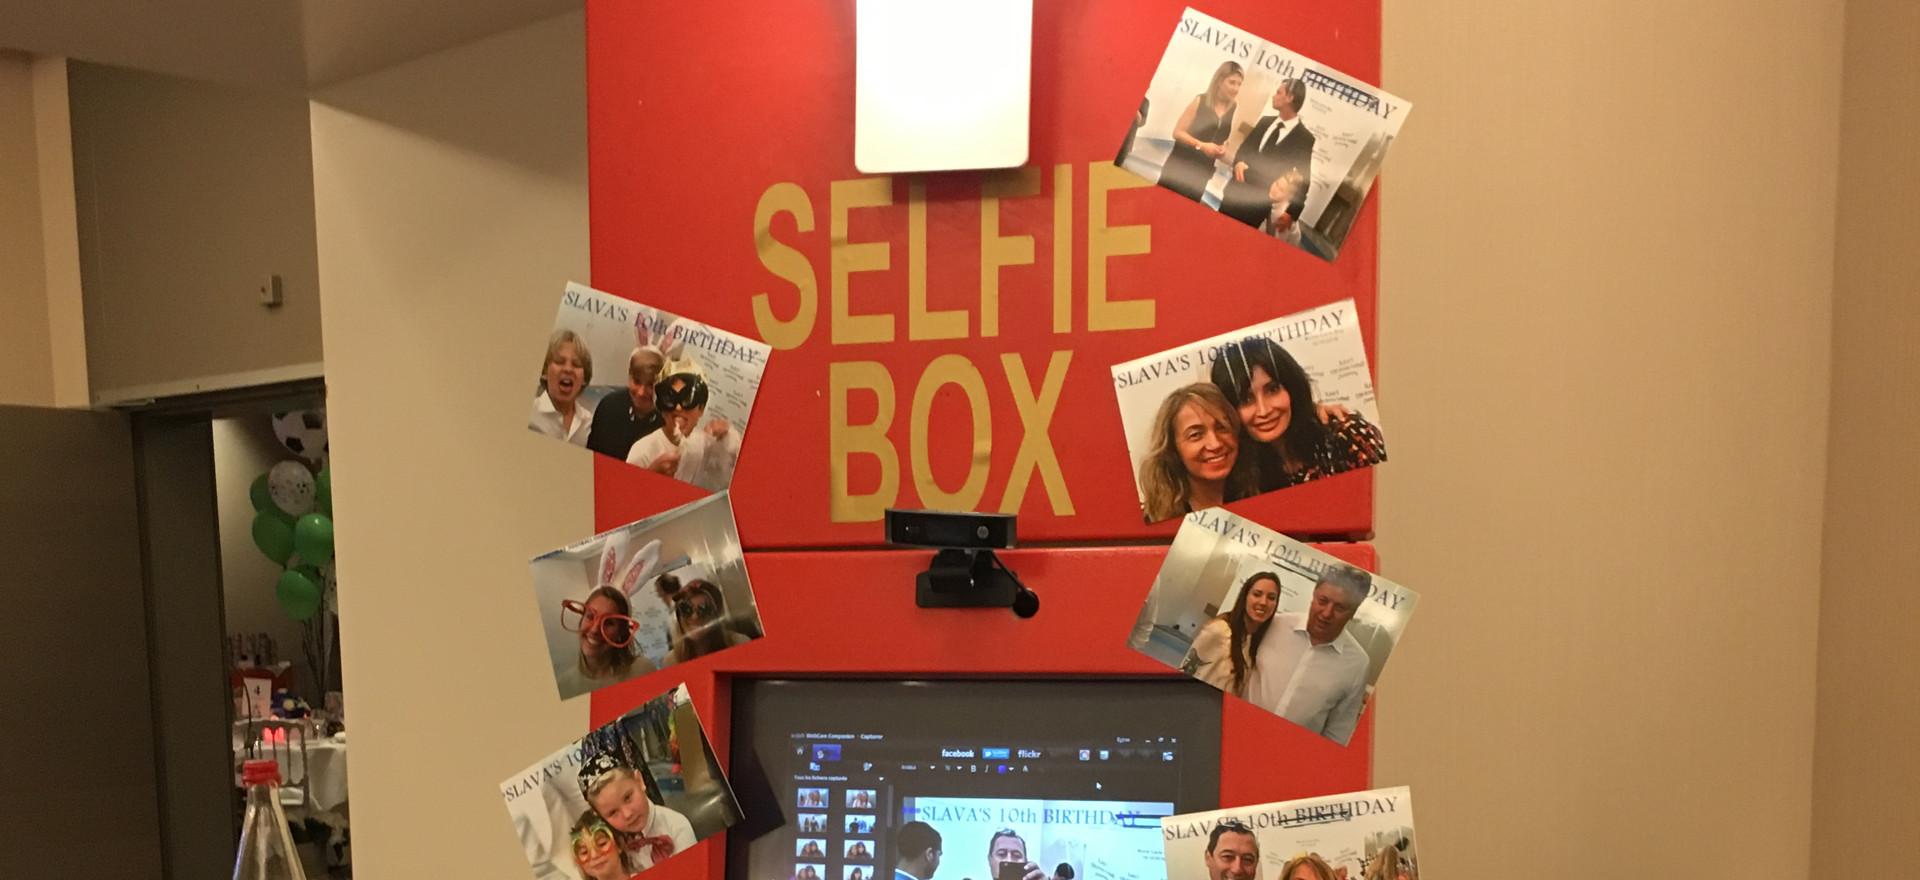 selfie box 2.JPG